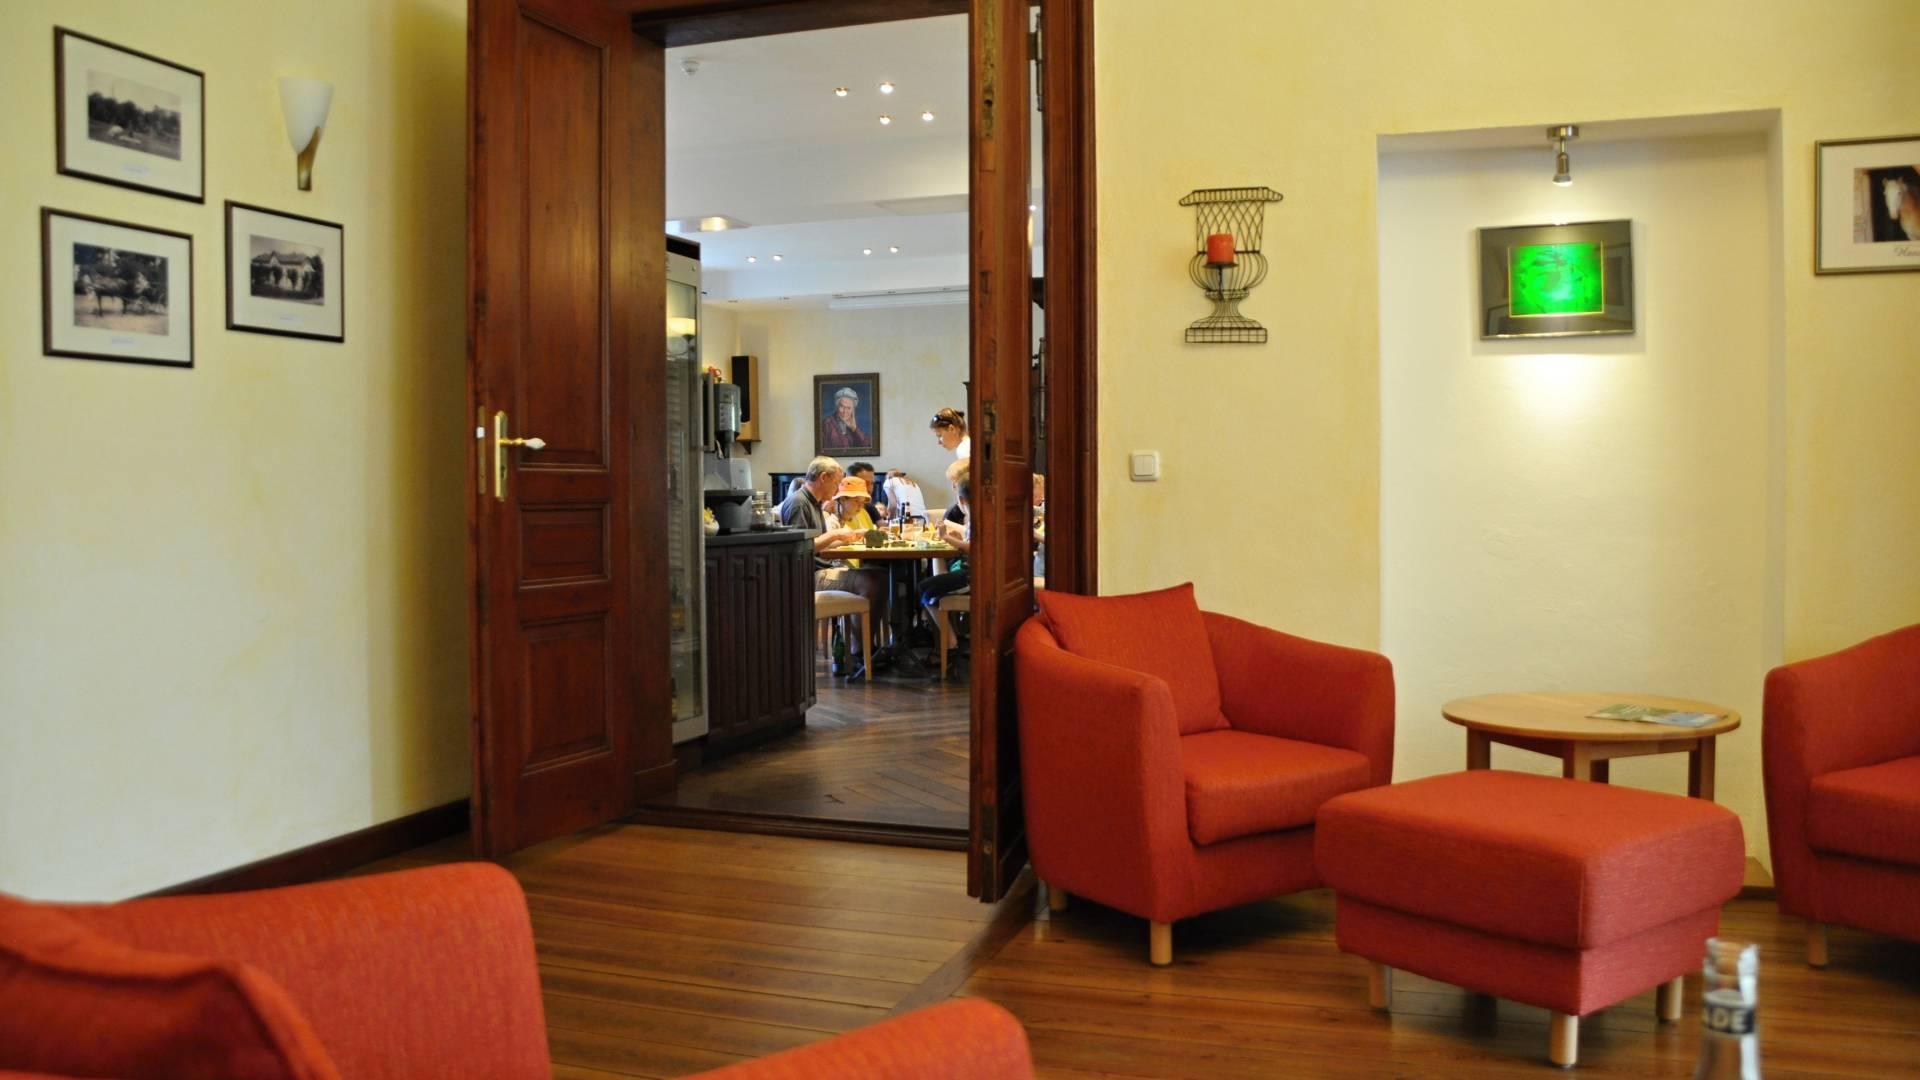 Eingangsbereich mit Speisesaal